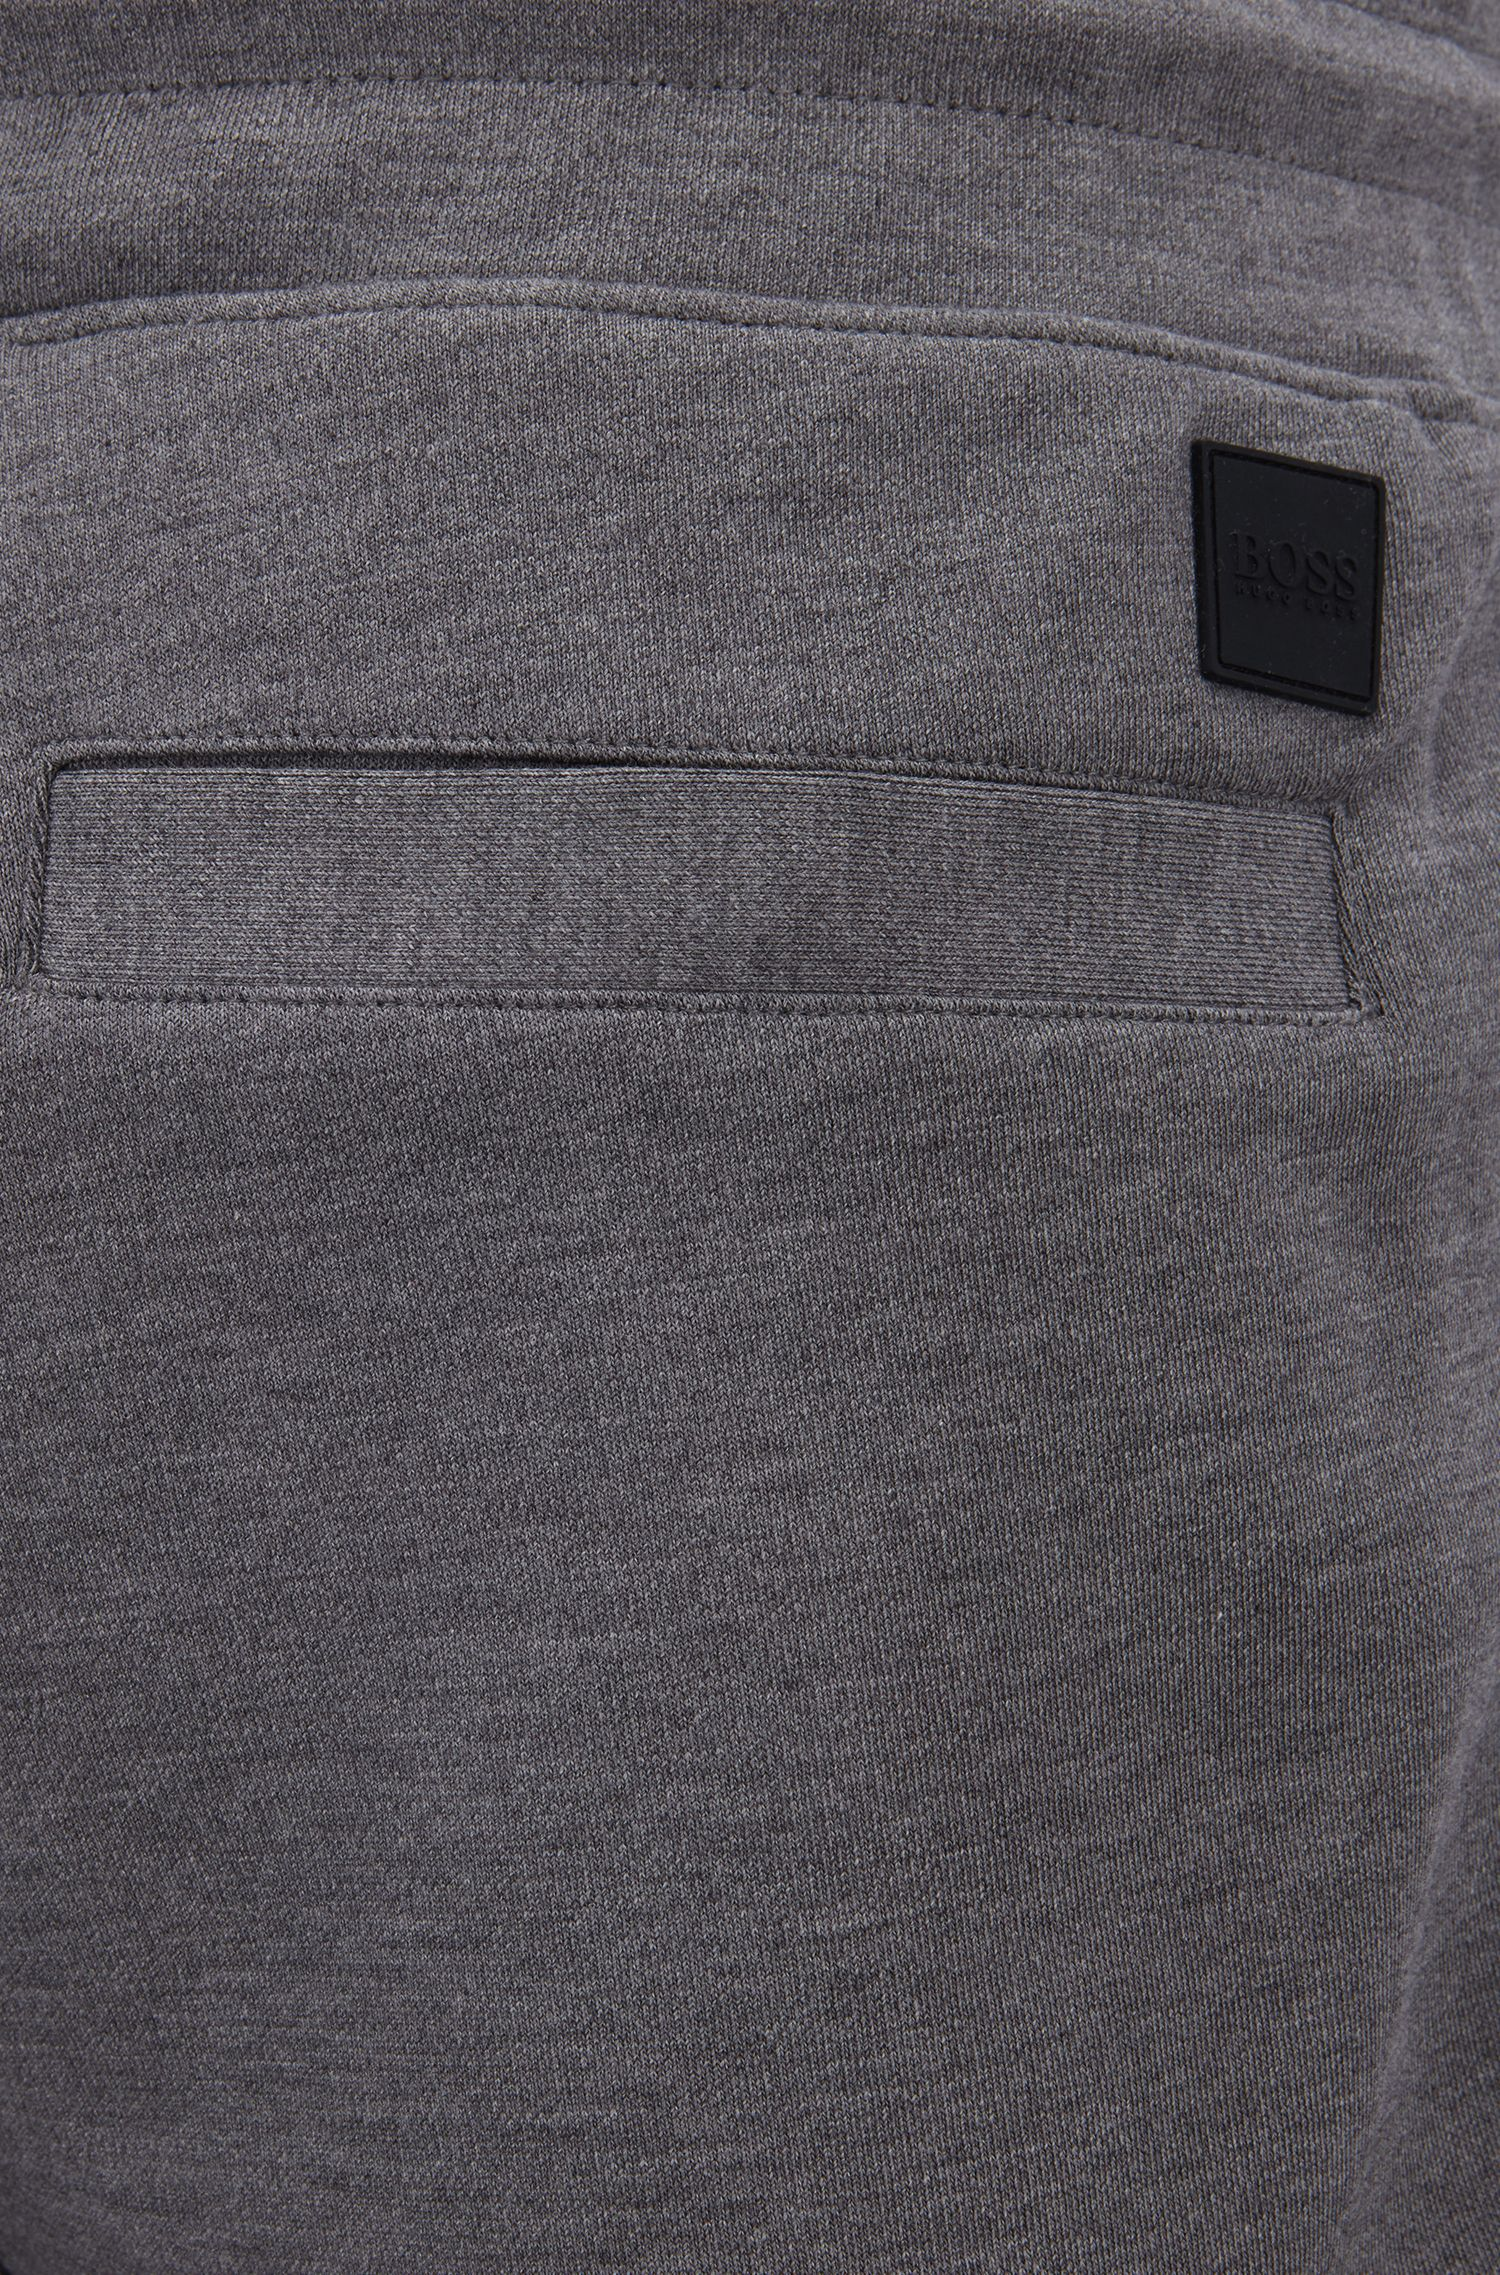 Pantalon imperméable resserré en bas des jambes, avec finitions en tissu technique, Gris